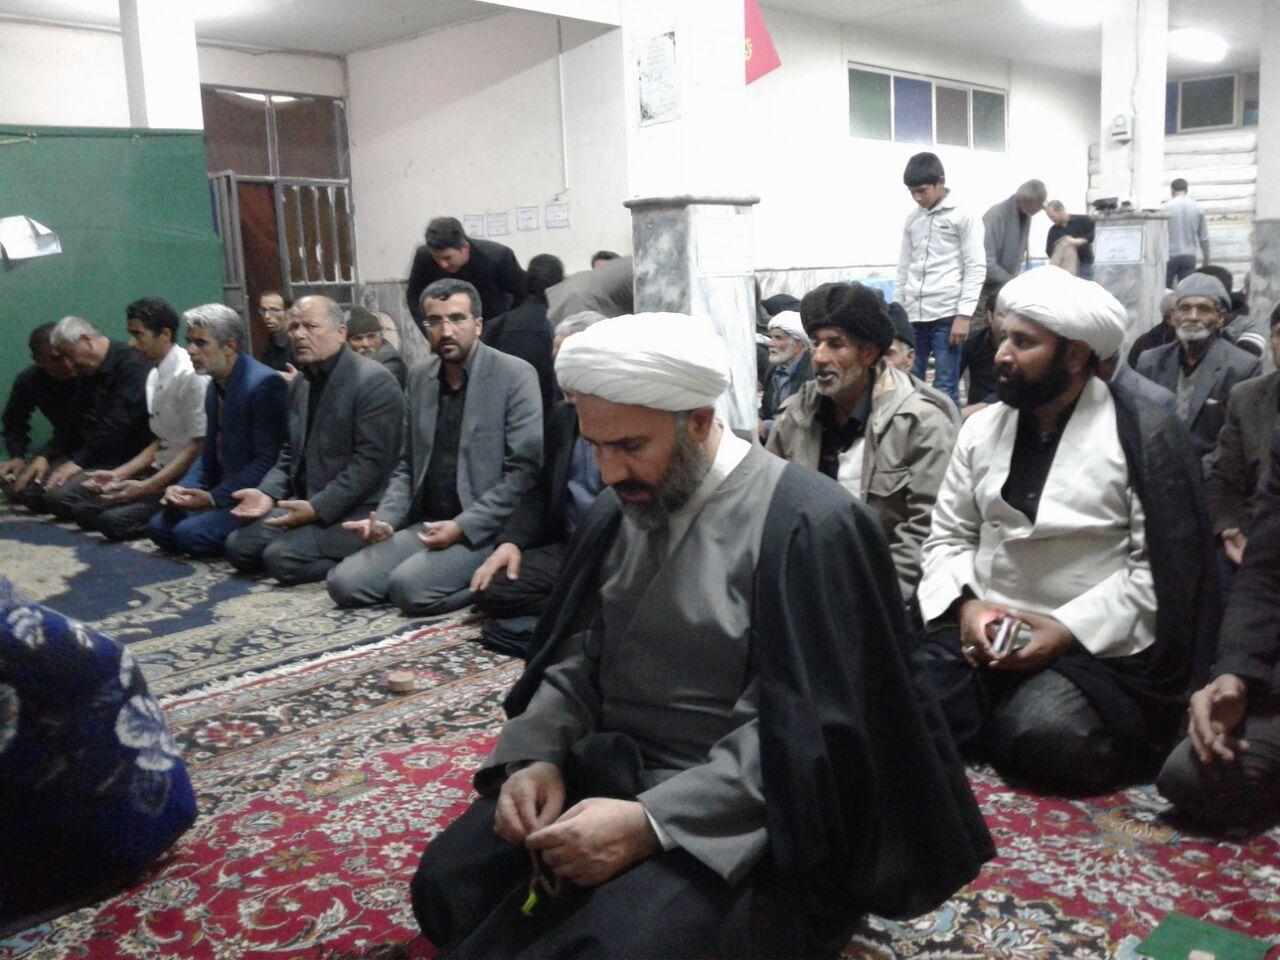 حضور حجت الاسلام پژمان فر در جمع گرم و صمیمی مردم شهر قاسم آباد